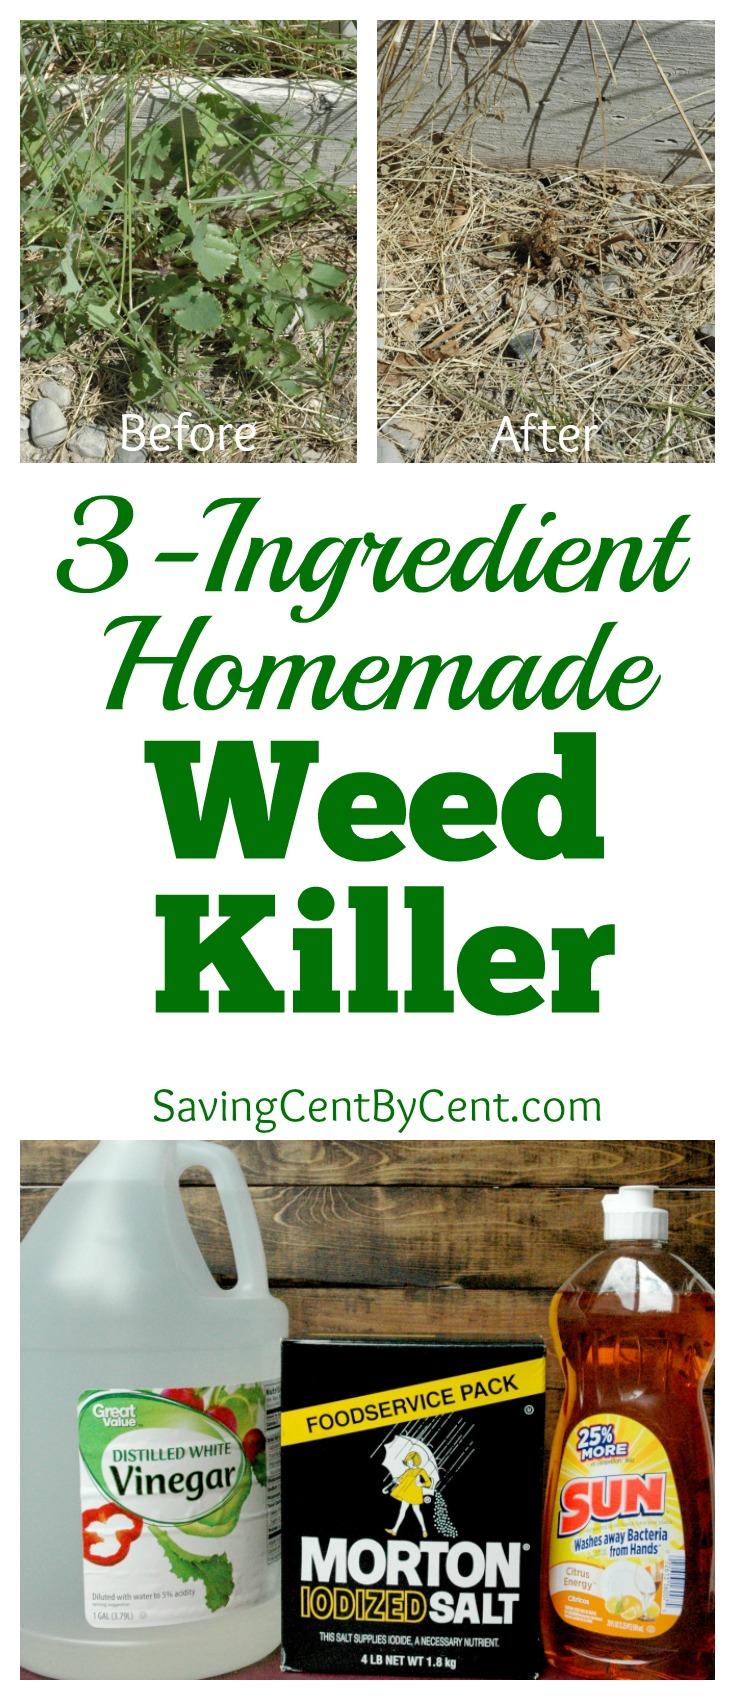 3-Ingredient Homemade Weed Killer